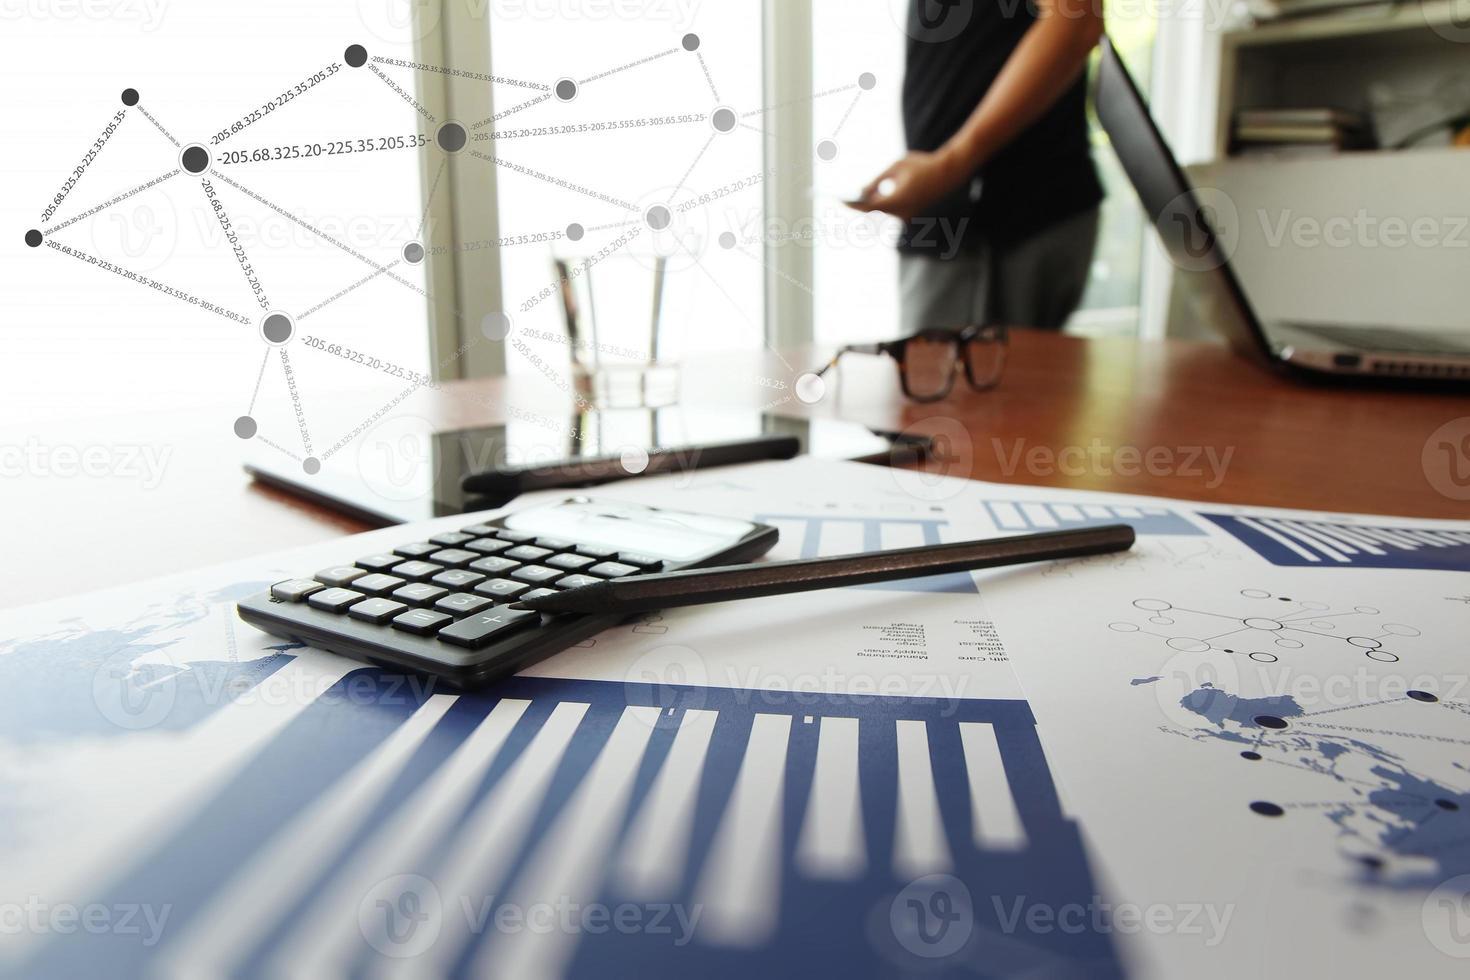 zakelijke documenten op kantoor tafel met digitale tablet foto